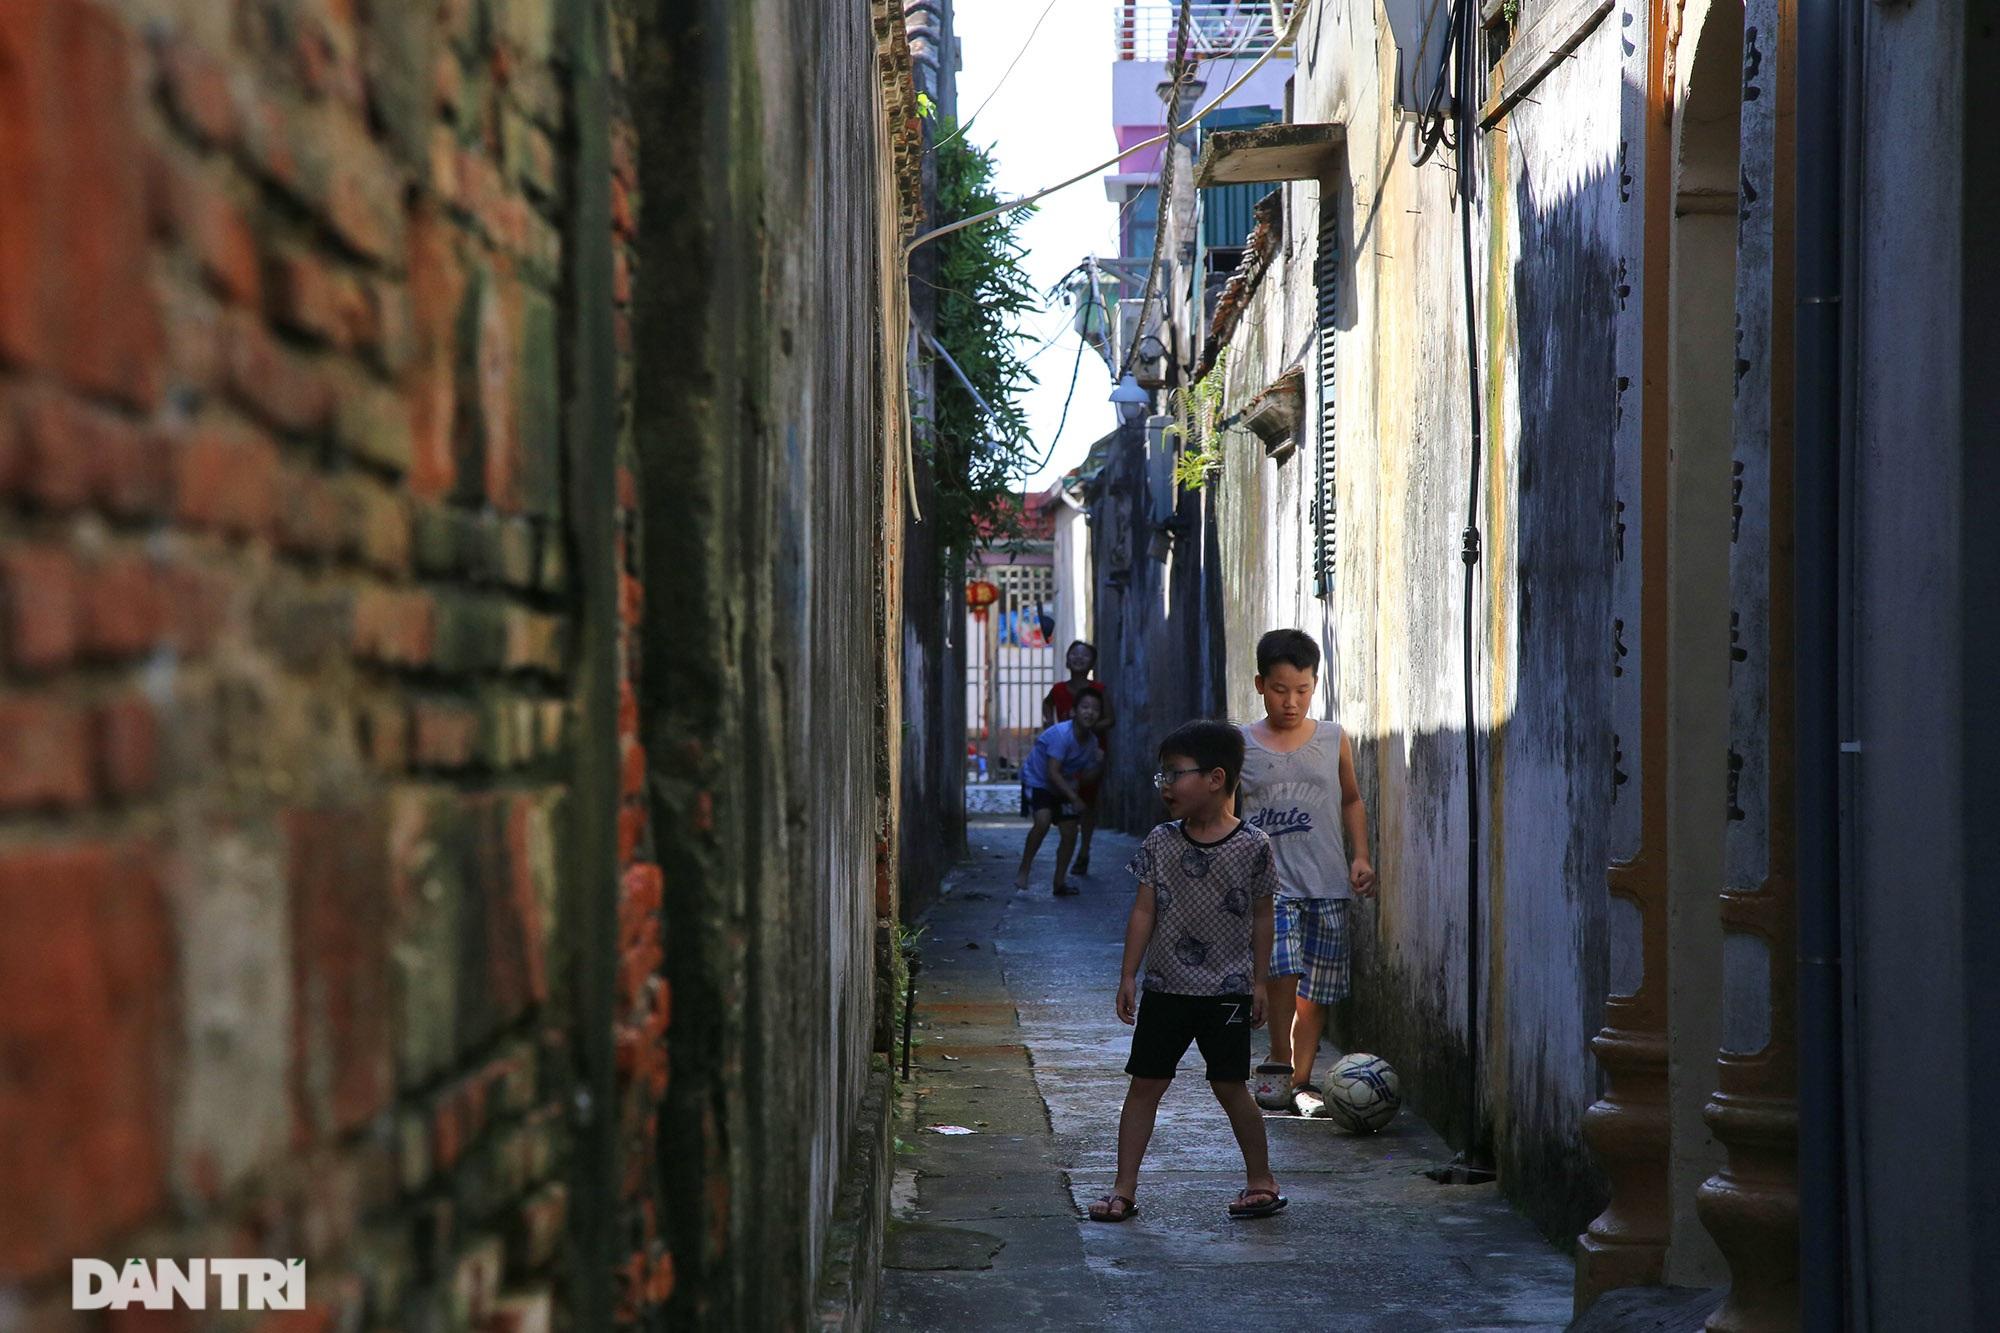 Làng cổ nghìn năm tuổi nổi tiếng giàu có nay là của hiếm ở Hà Nội - 12